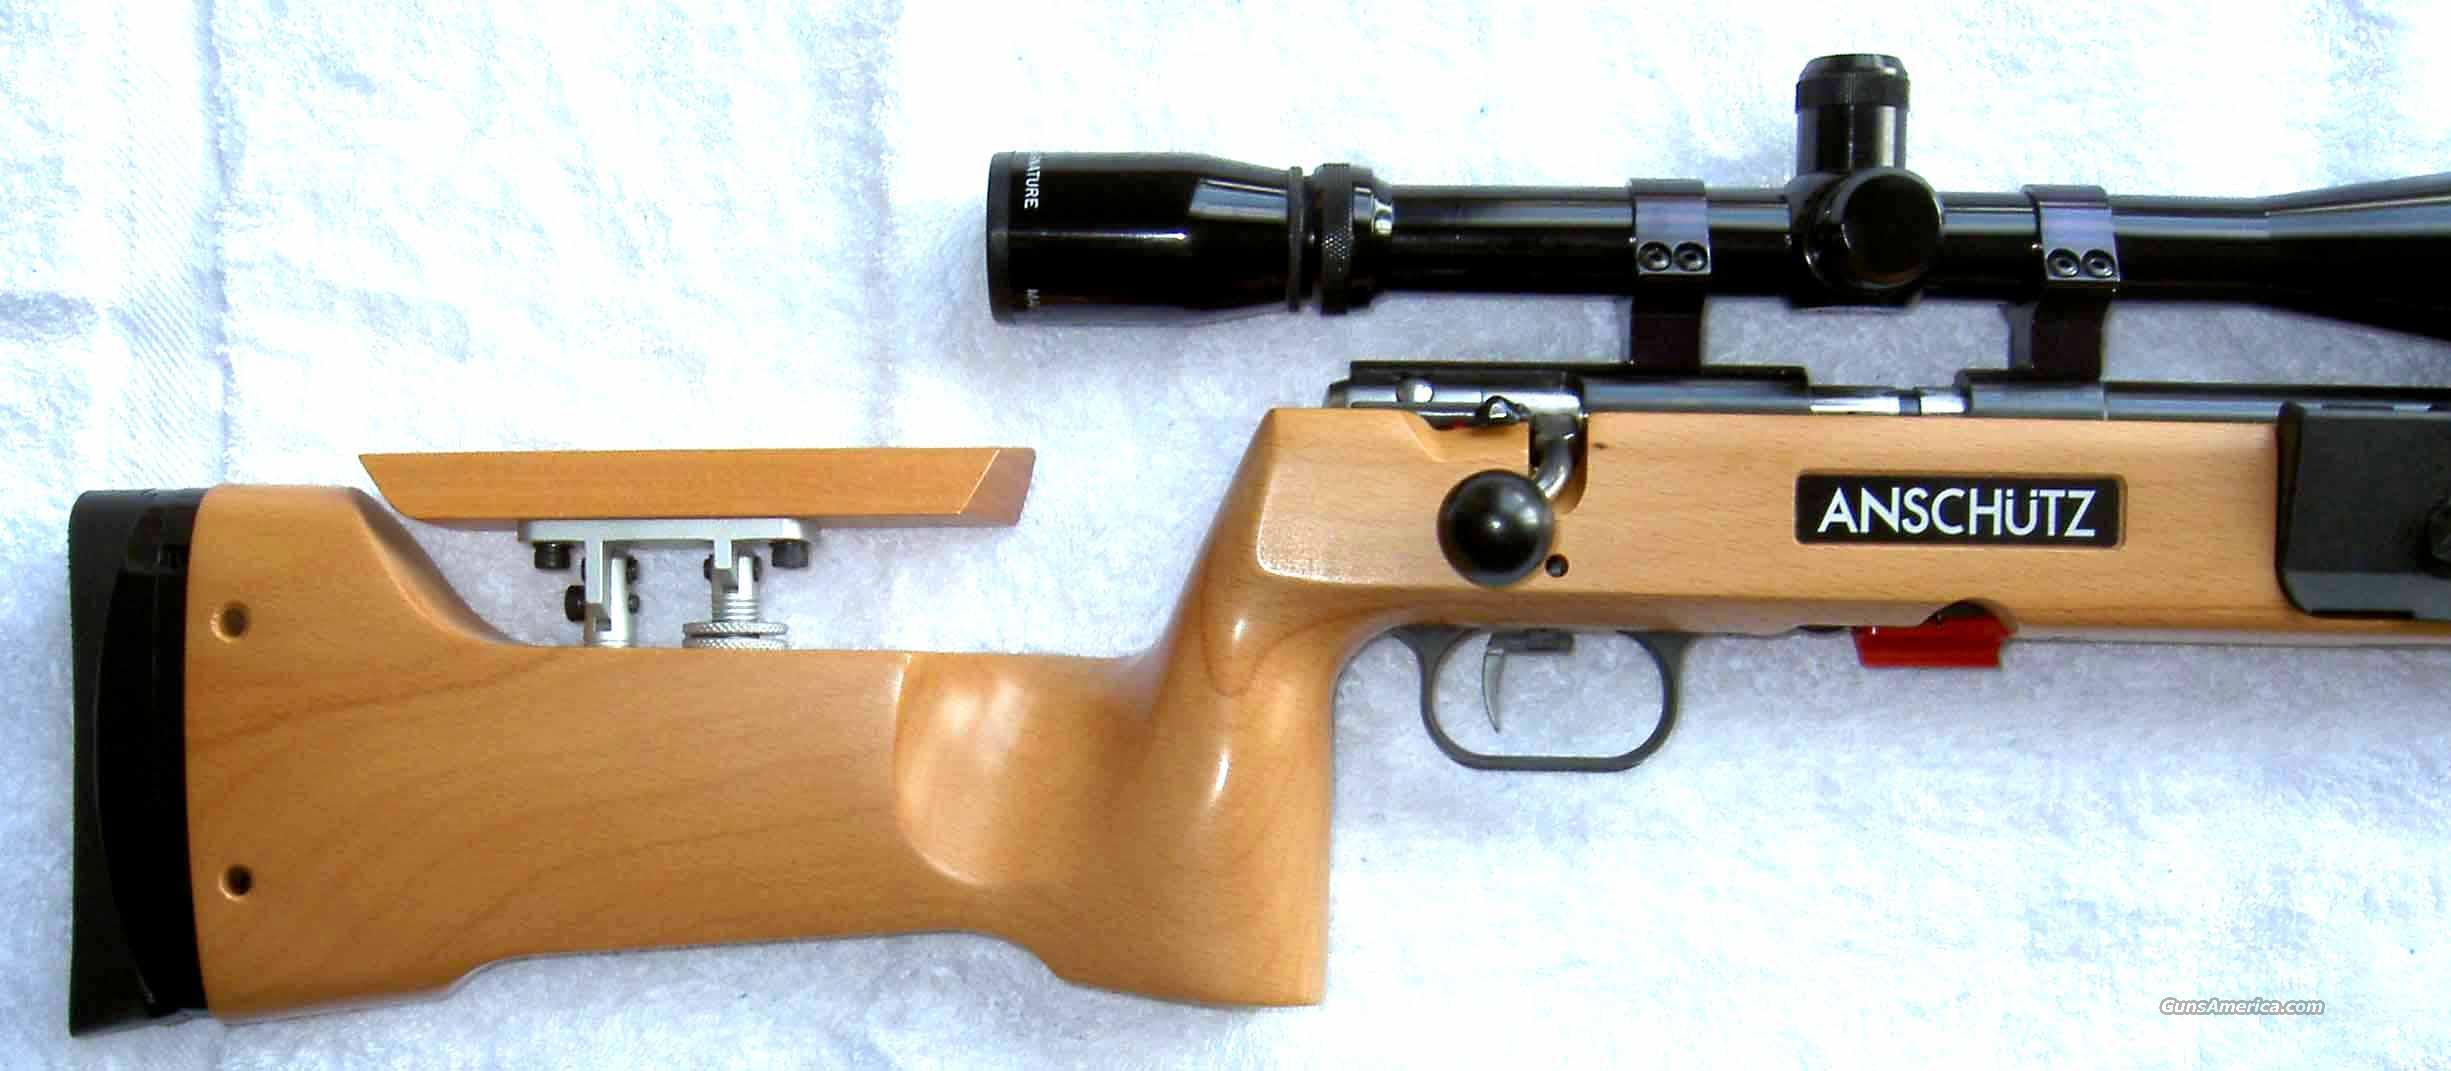 Anschutz 64r Biathlon W Adjustable Cheek Piece For Sale